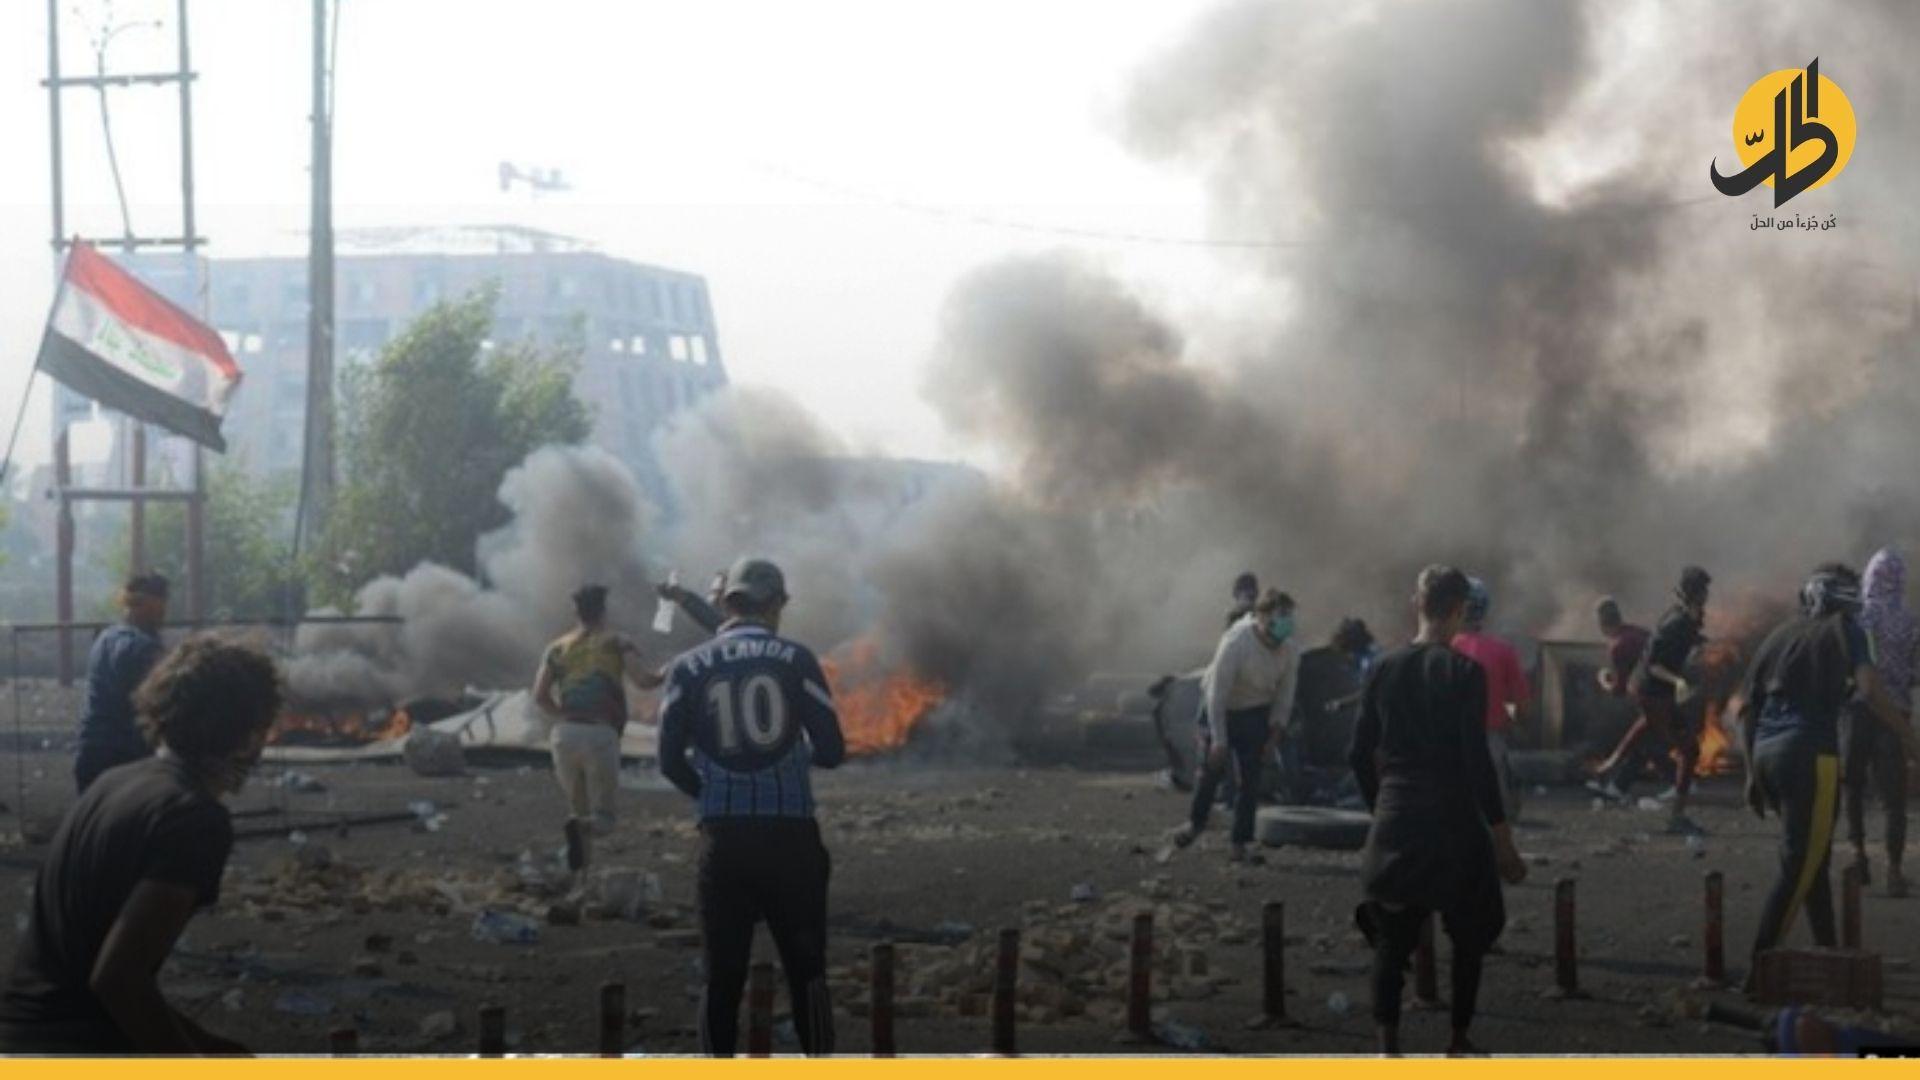 البرلمان العراقي يتحرك لاستضافة وزير الداخلية.. لماذا عادت الاغتيالات؟